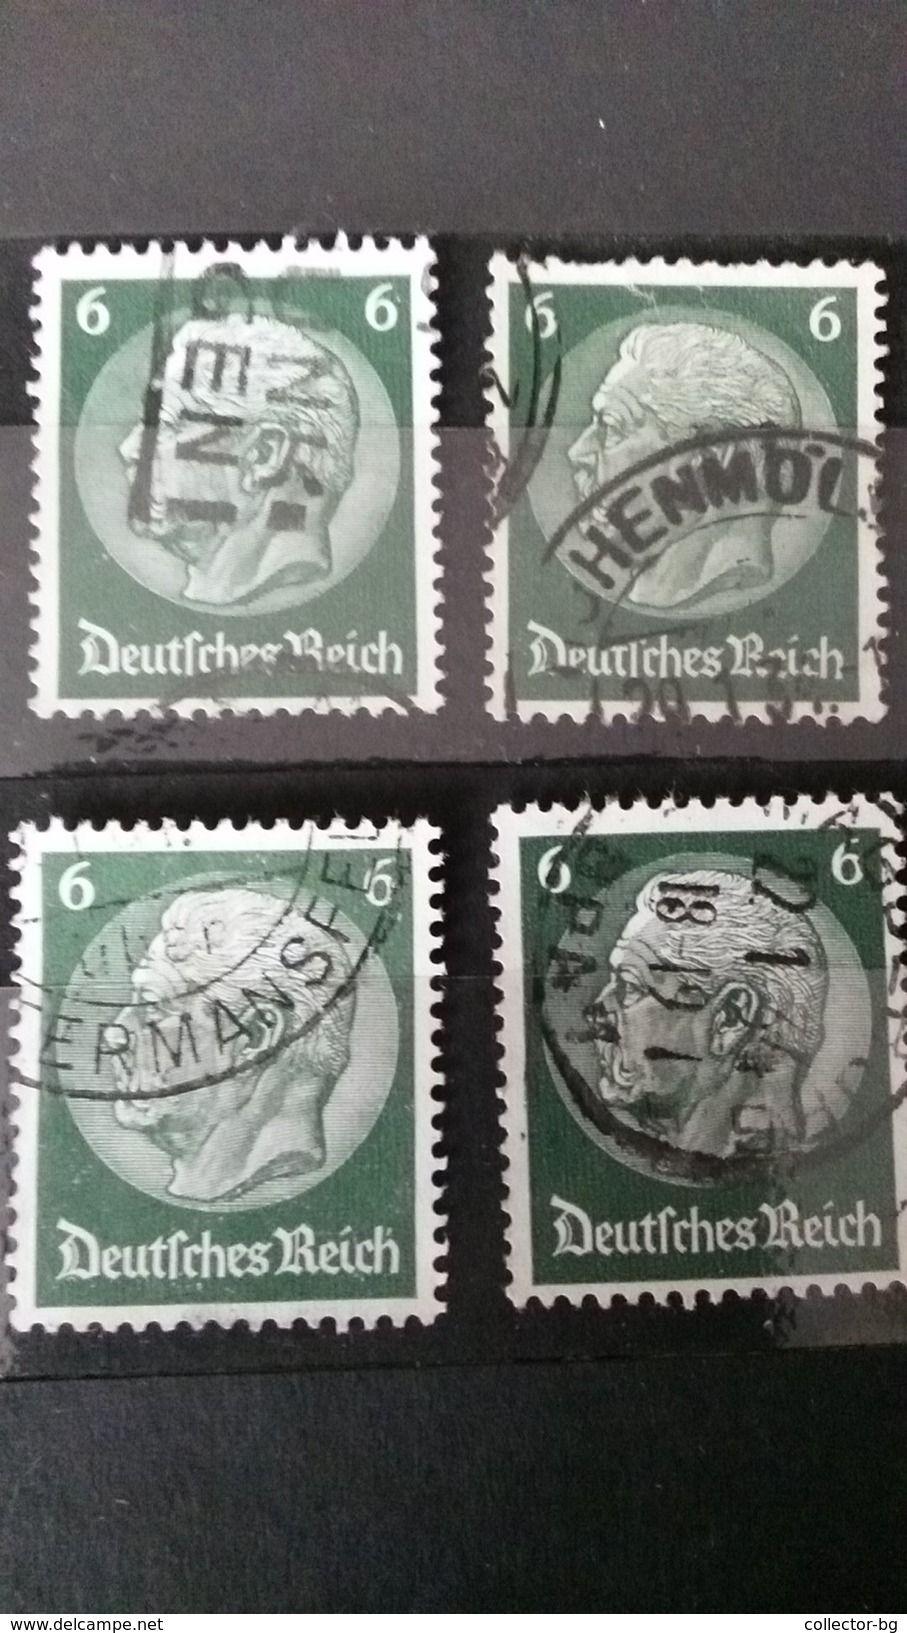 RARE SET LOT 6 PFENNIG GERMANY EMPIRE DEUTSCHE REICH